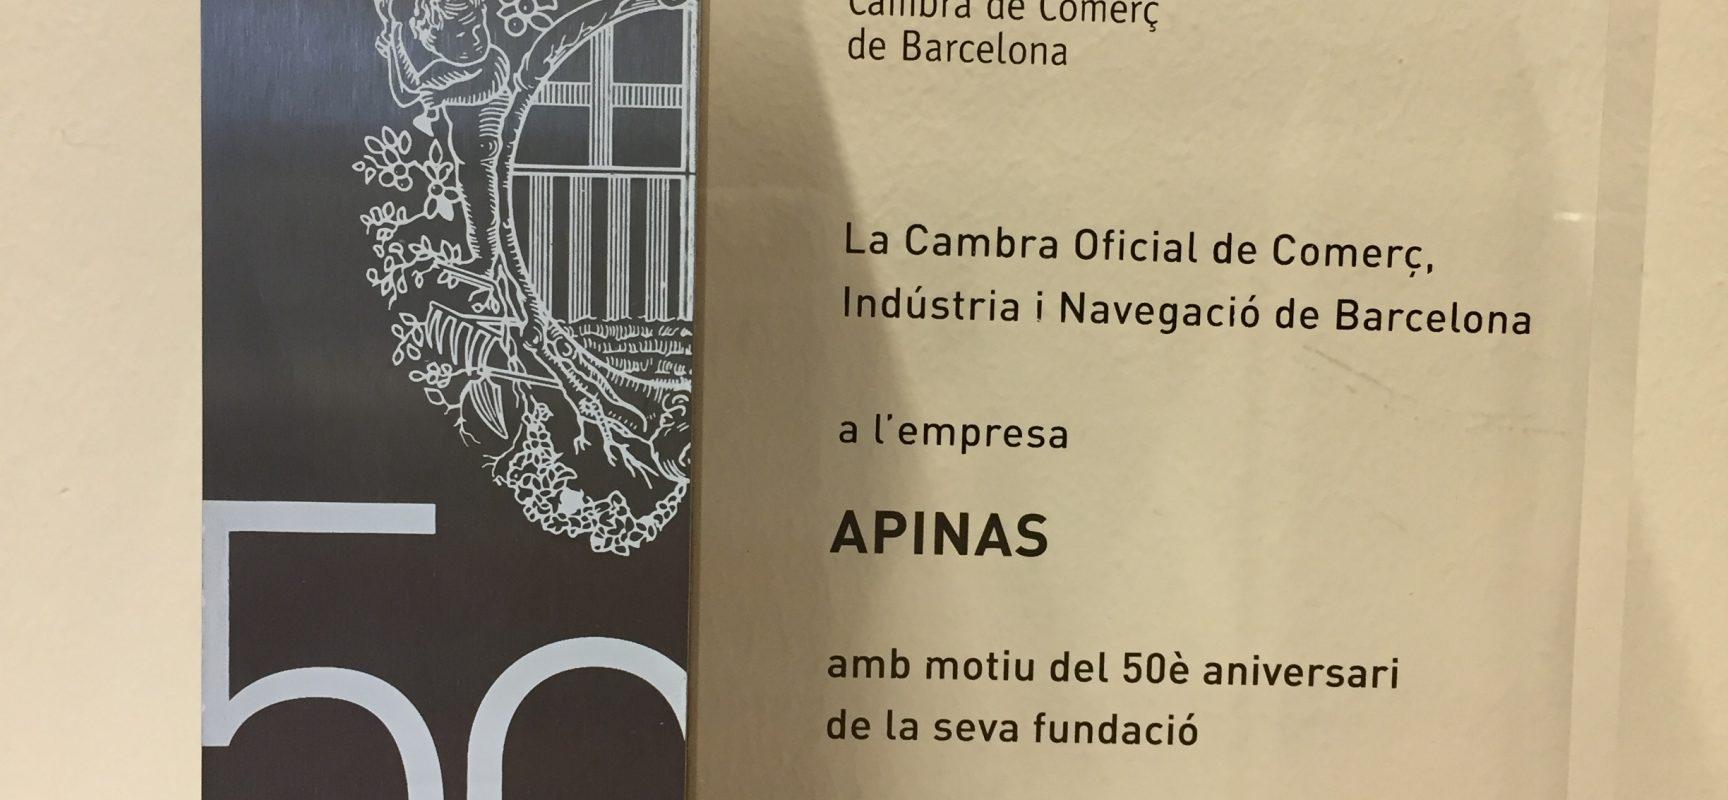 La Cambra de Comerç de Barcelona fa un reconeixement a APINAS pel seu 50è aniversari